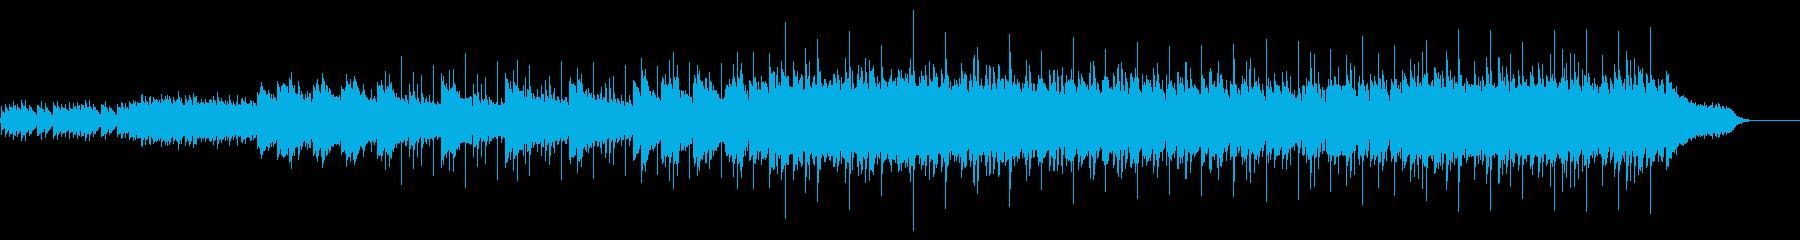 夜空に投影する様な清涼としたBGMの再生済みの波形